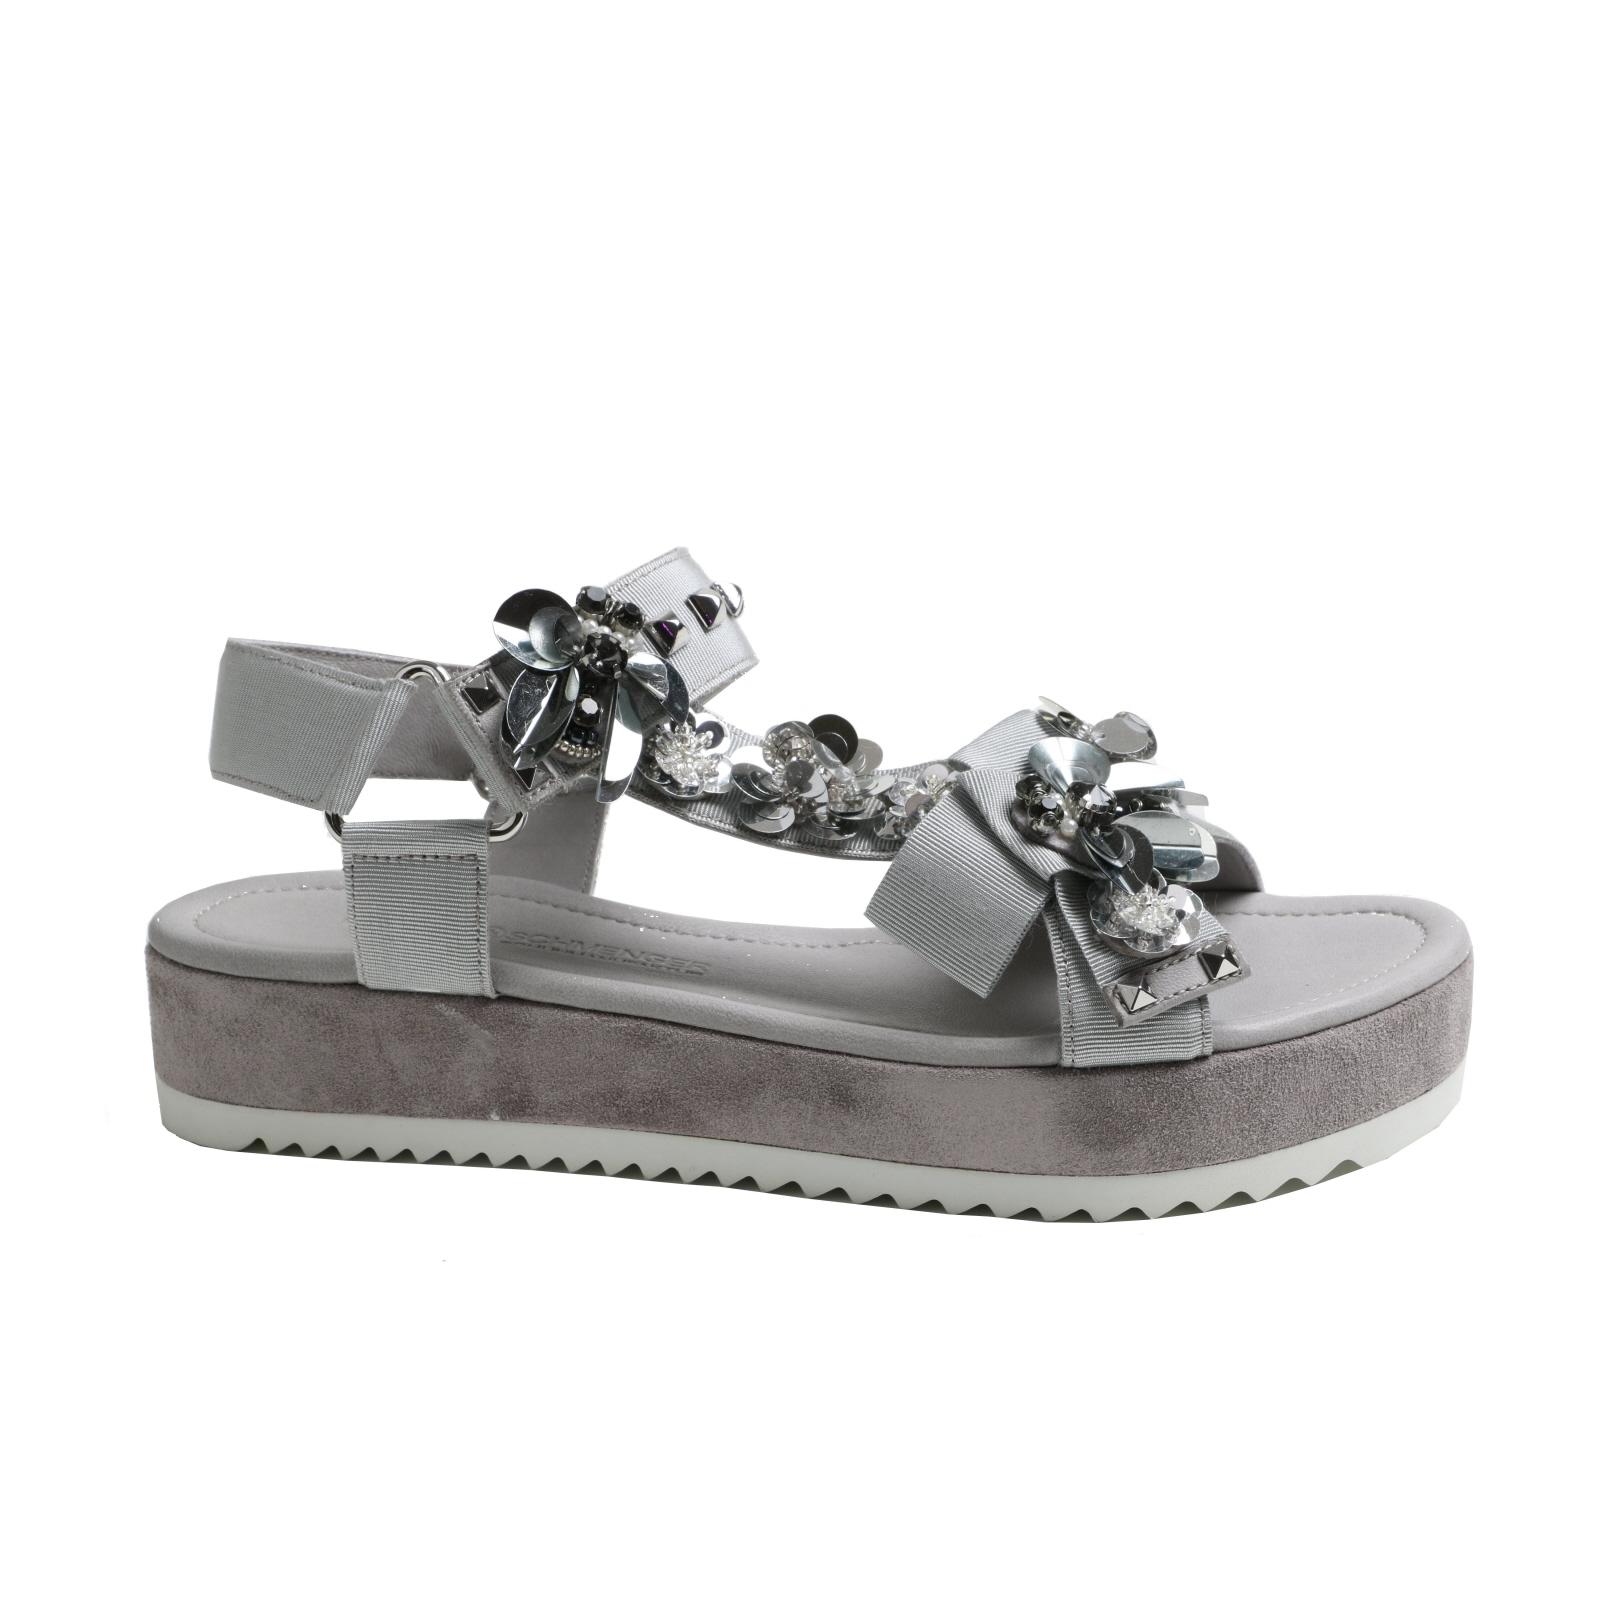 Damen Sandalette K&S Mode grau  Leder  kombiniert NEU Gr.37